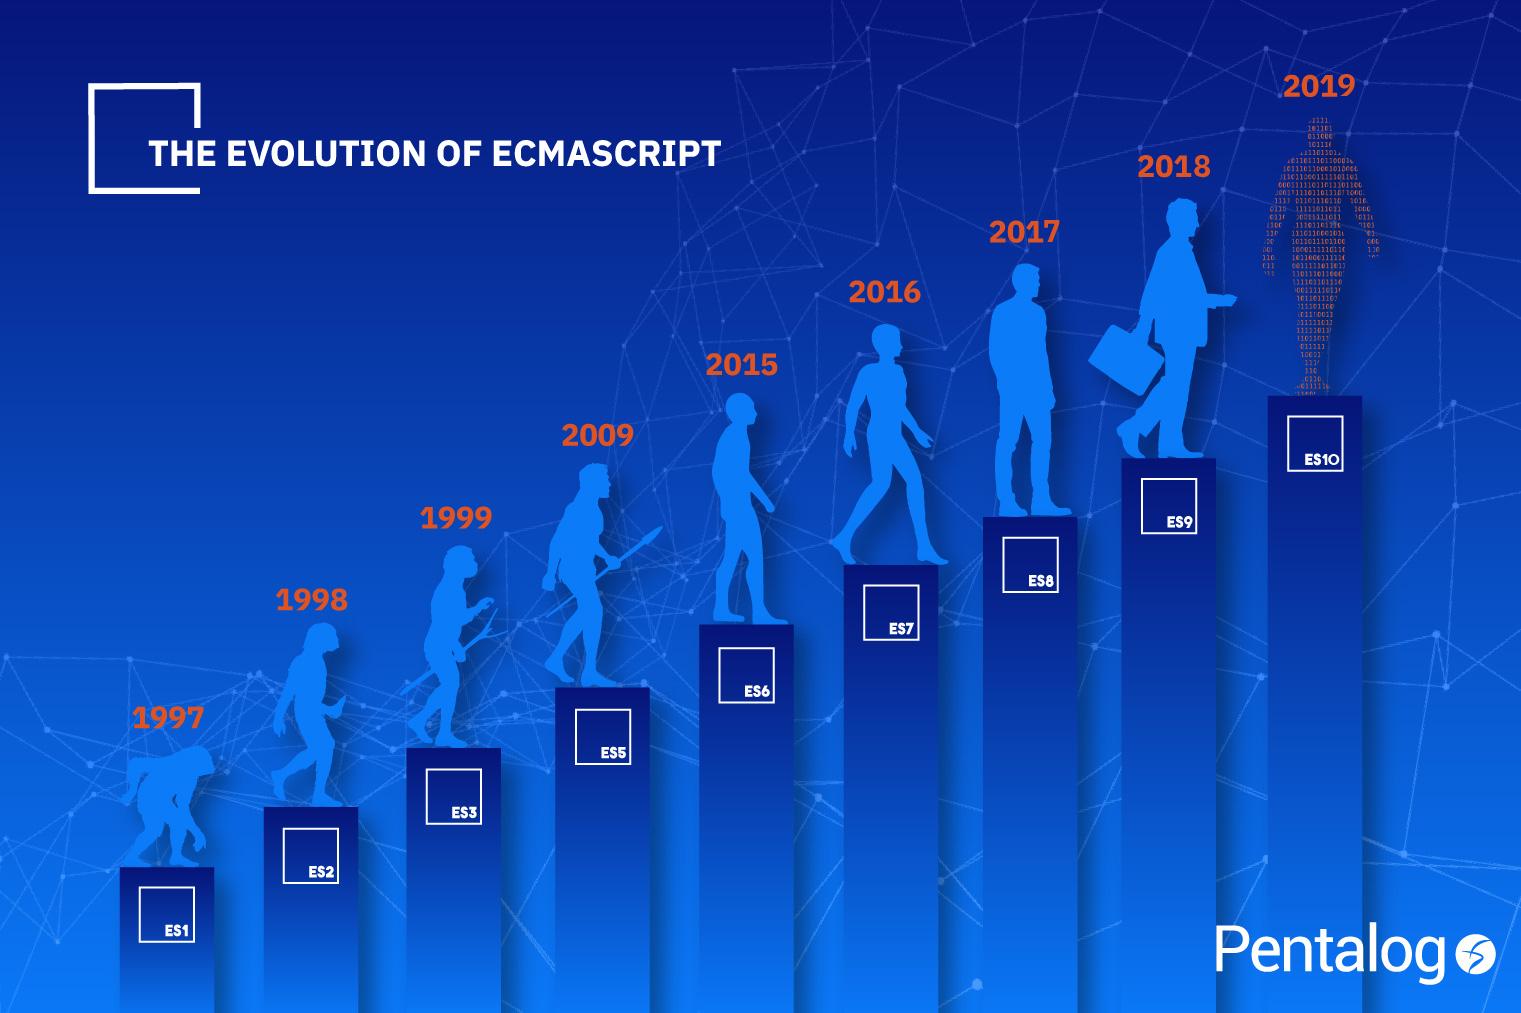 ecmascript versions - evolution